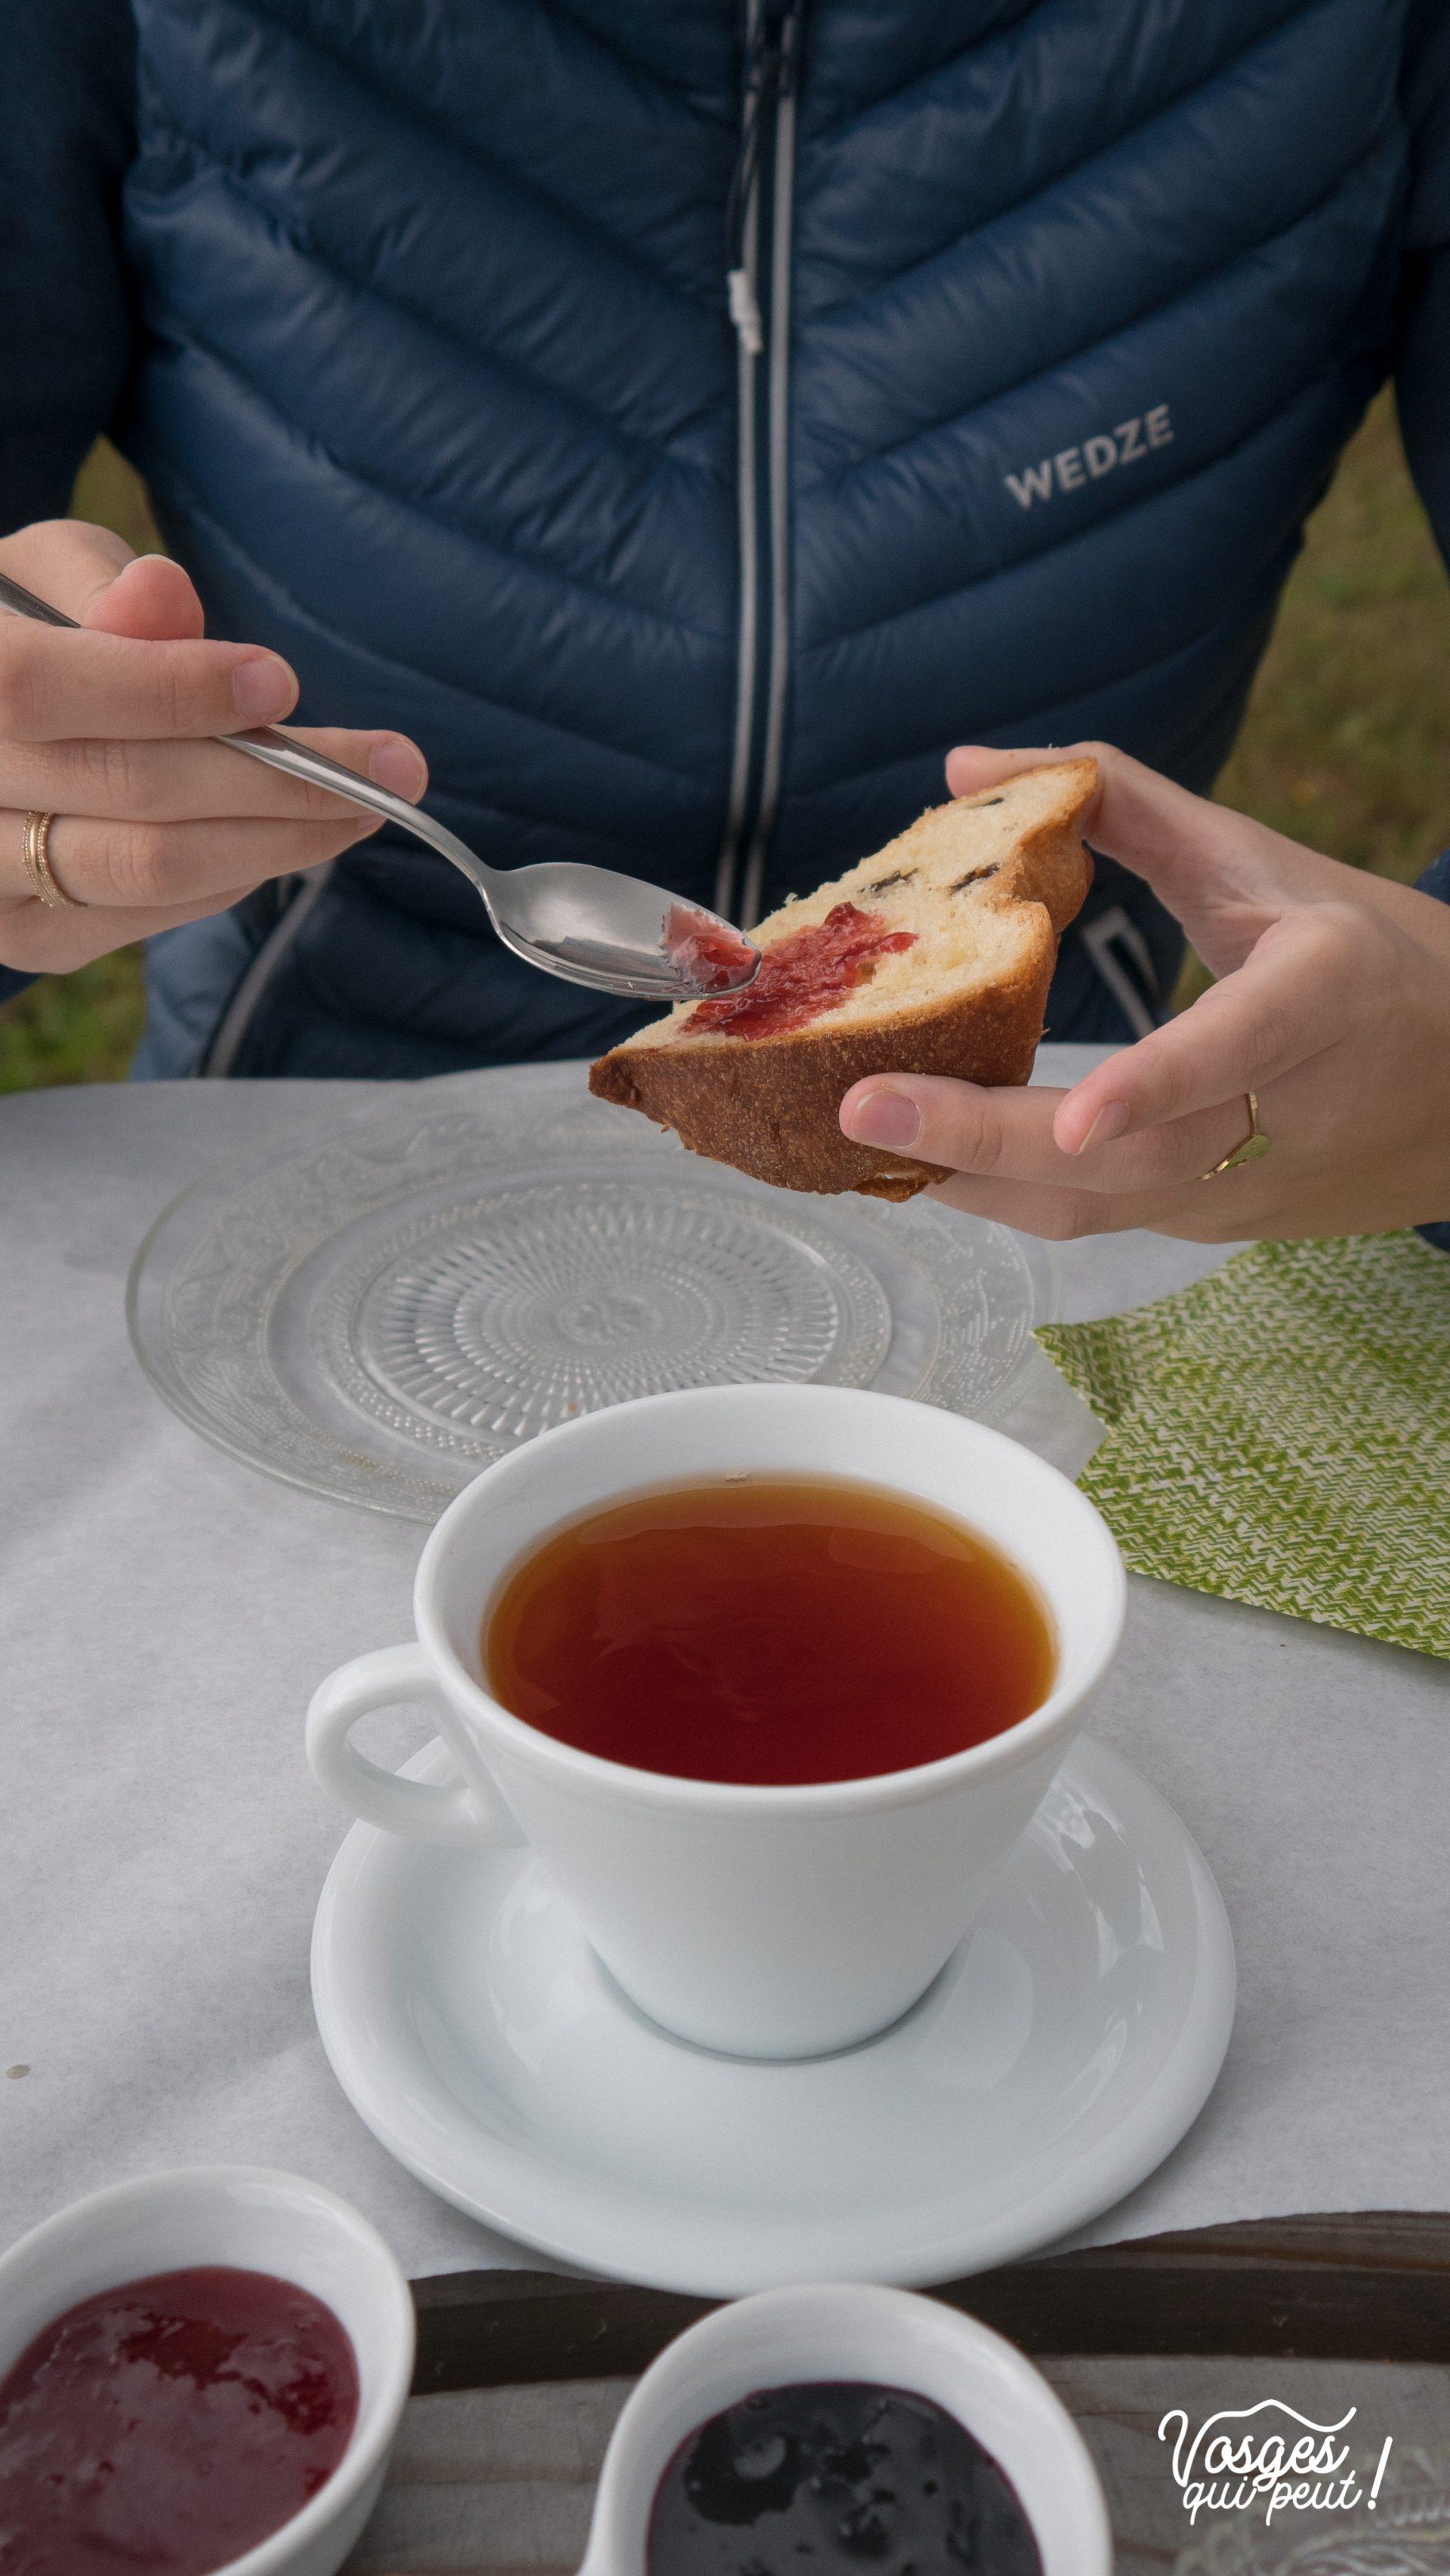 Une cliente de la boulangerie Turlupain à Saales déguste un petit-déjeuner maison